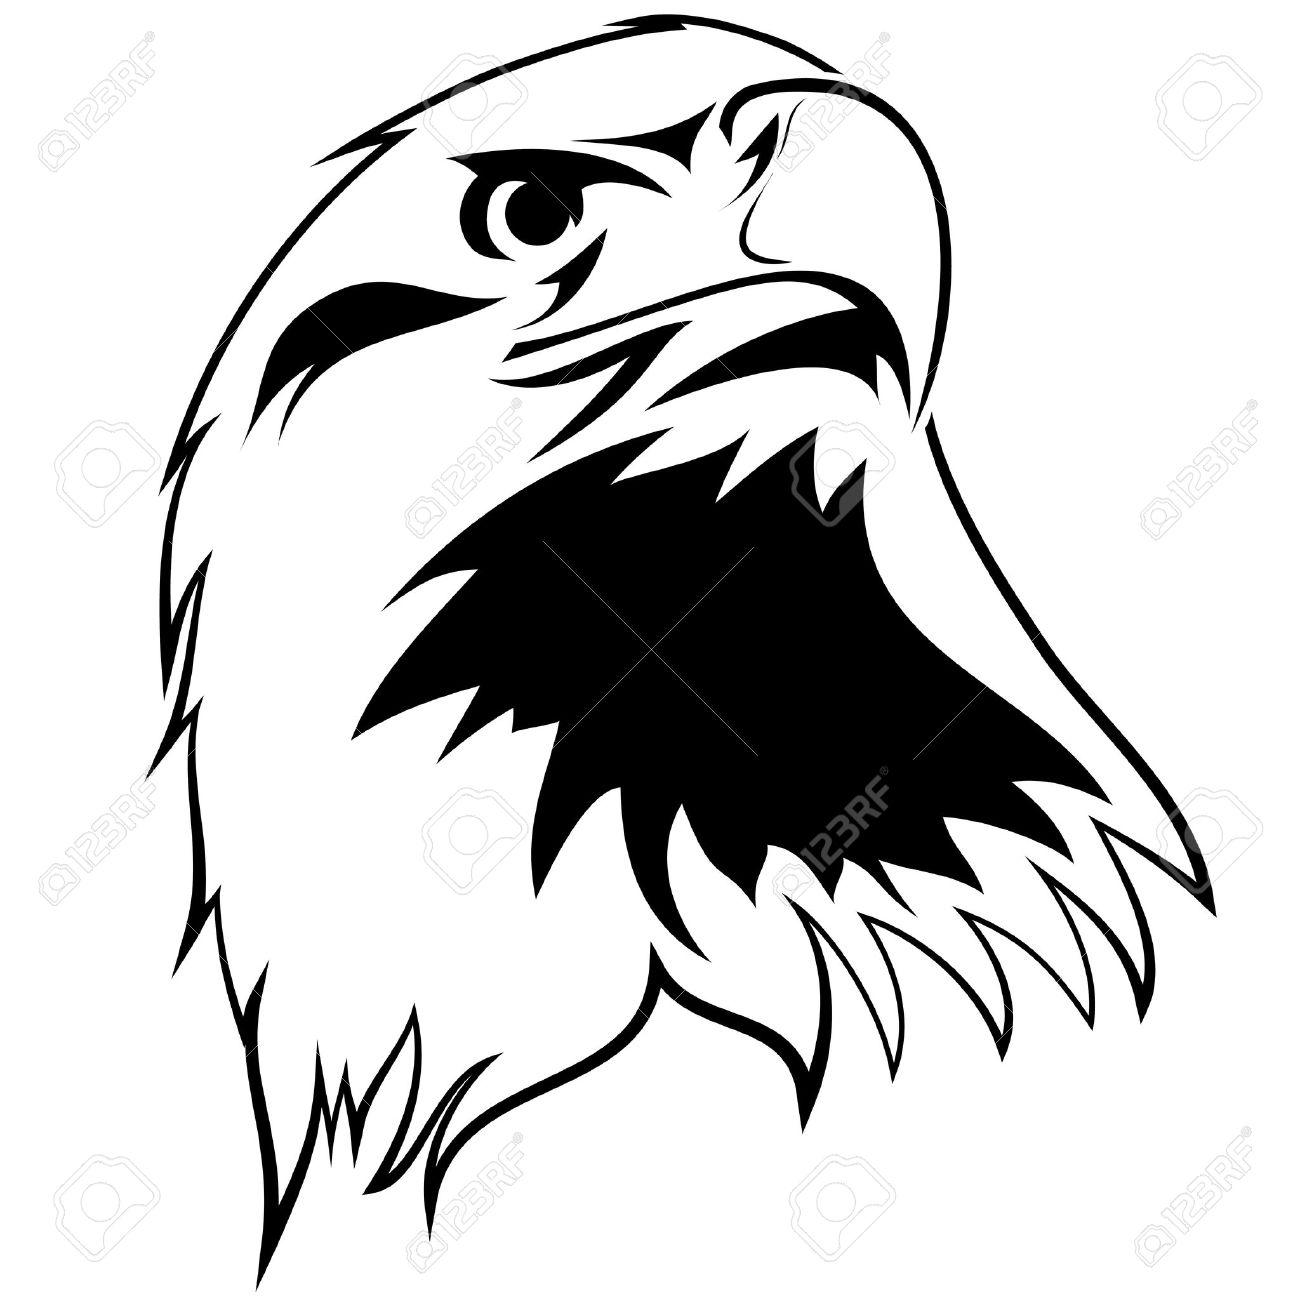 Imagen Estilizada De Un águila Tatuaje En Blanco Y Negro